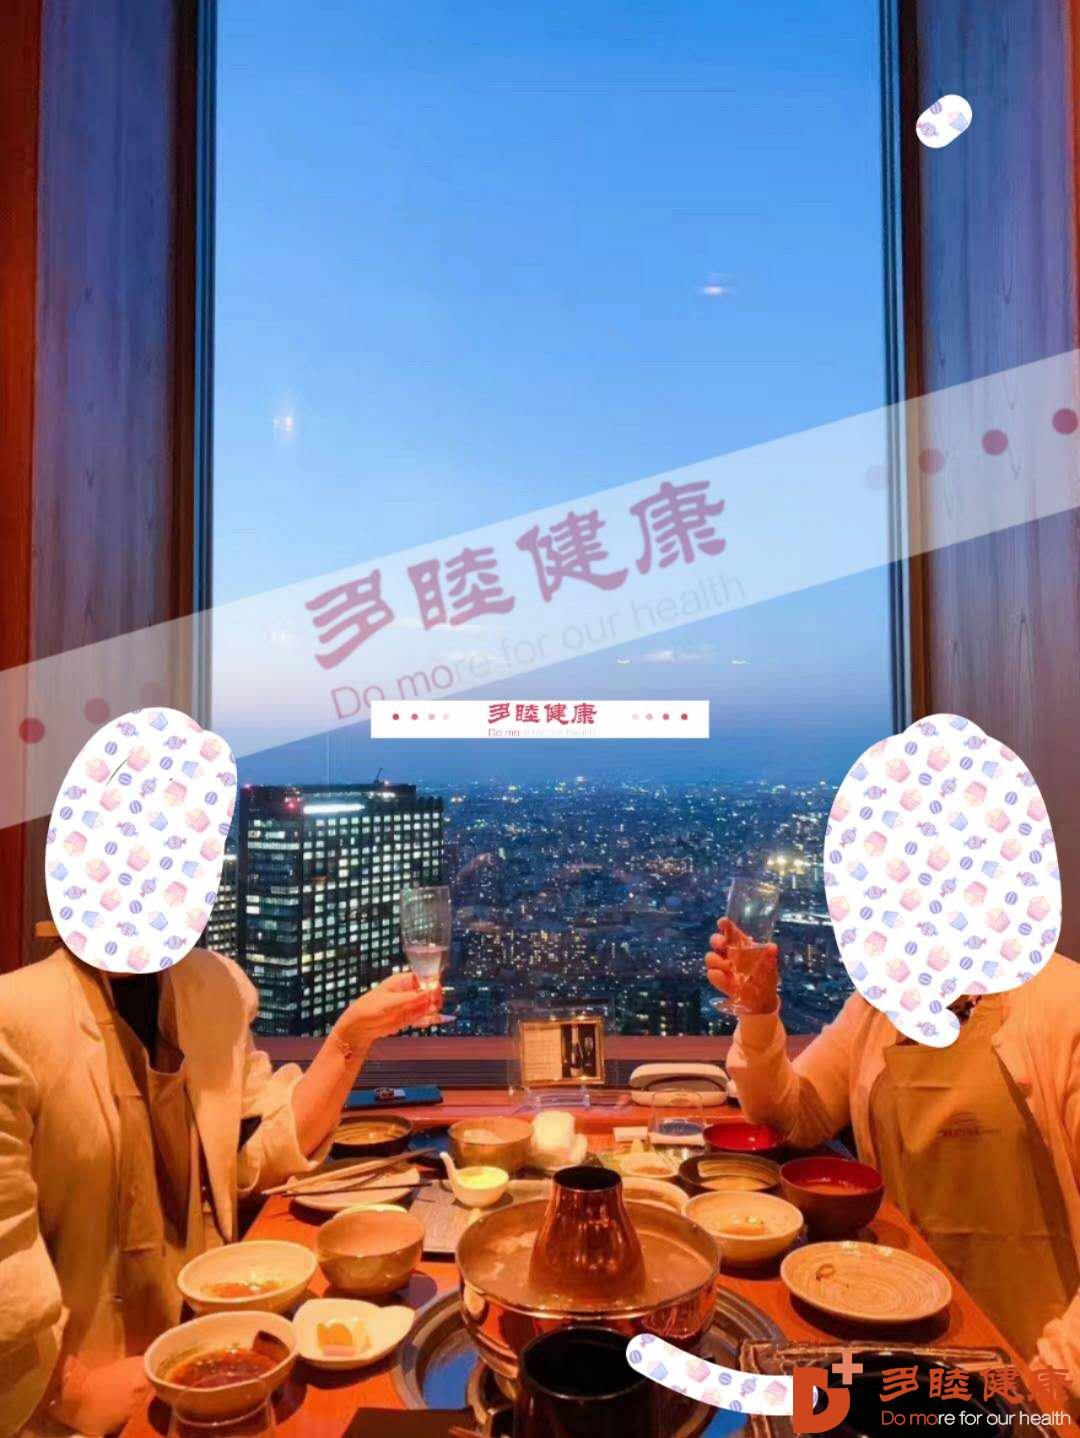 多睦健康-日本吃喝玩乐之旅,轻松解决动脉粥样斑块